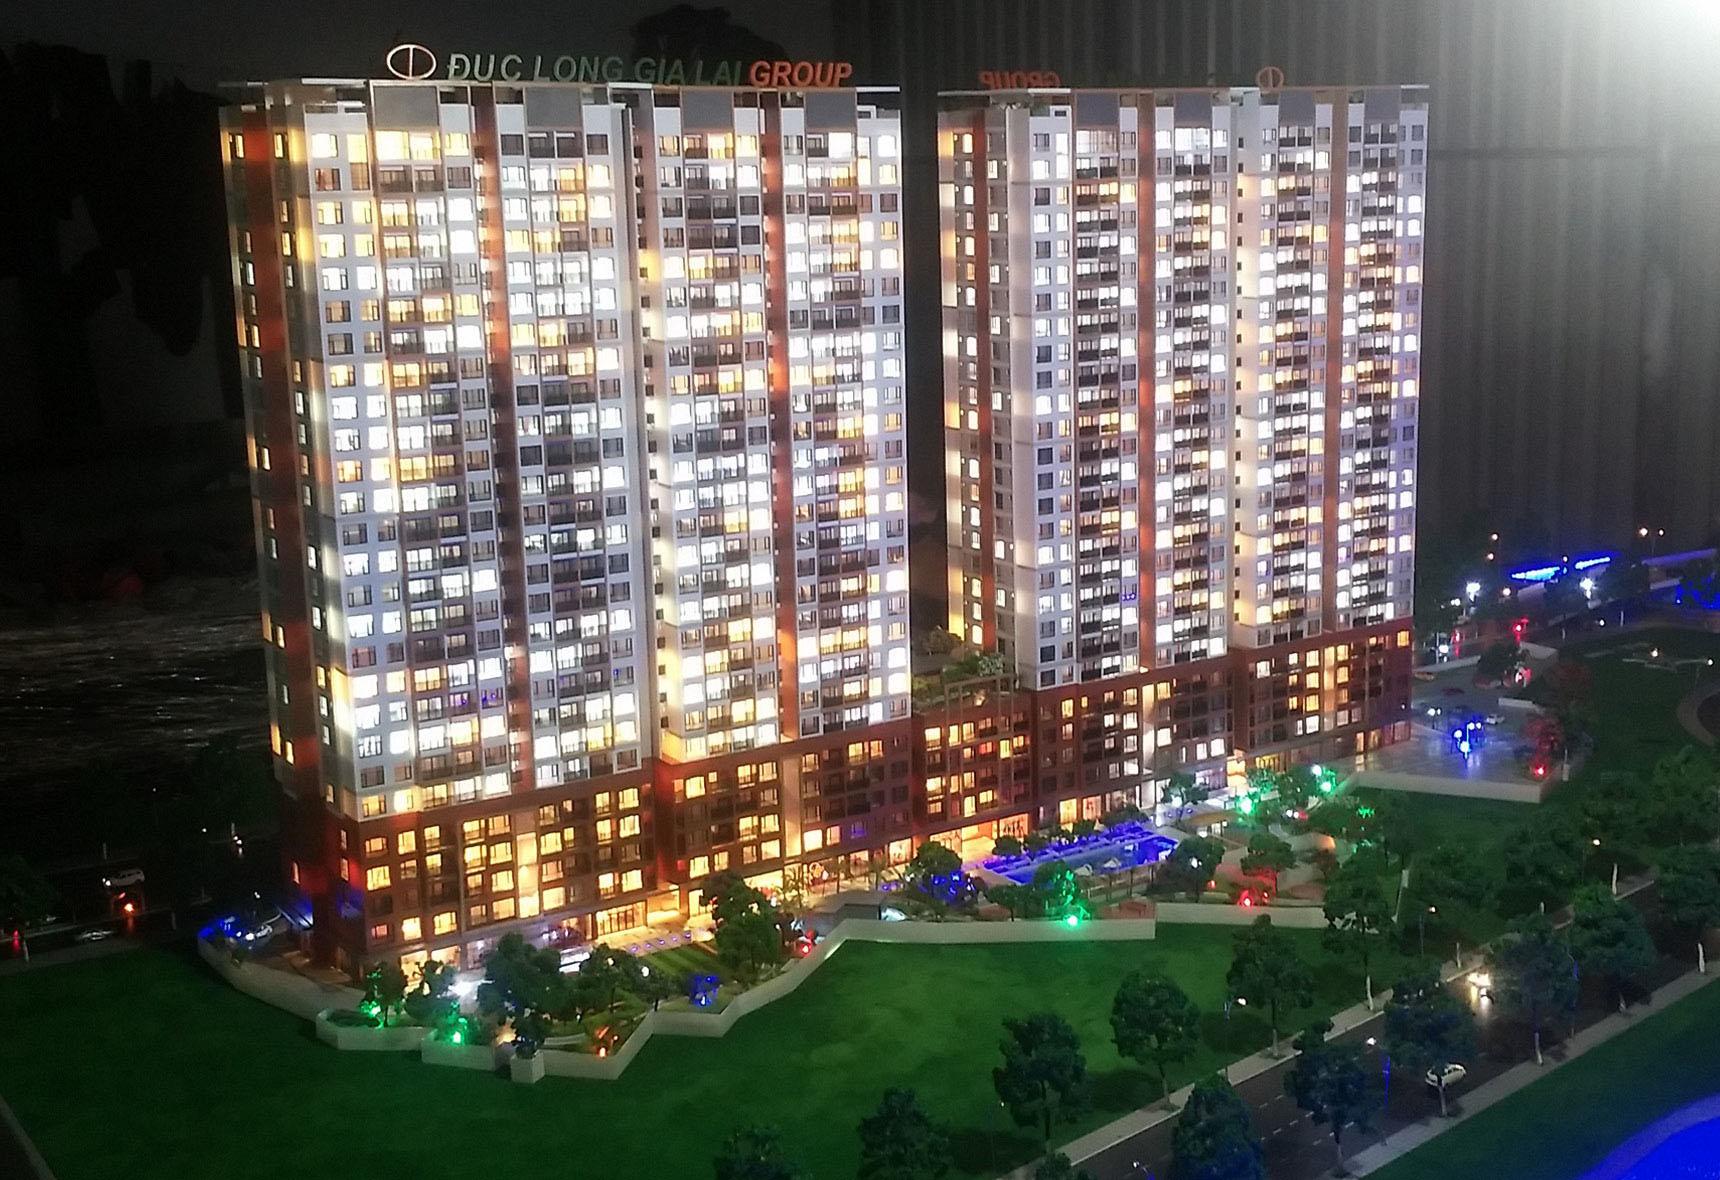 Tổ hợp chung cư Golden Land quận 7 - Chủ đầu tư: CTY CP Đức Long Gia Lai